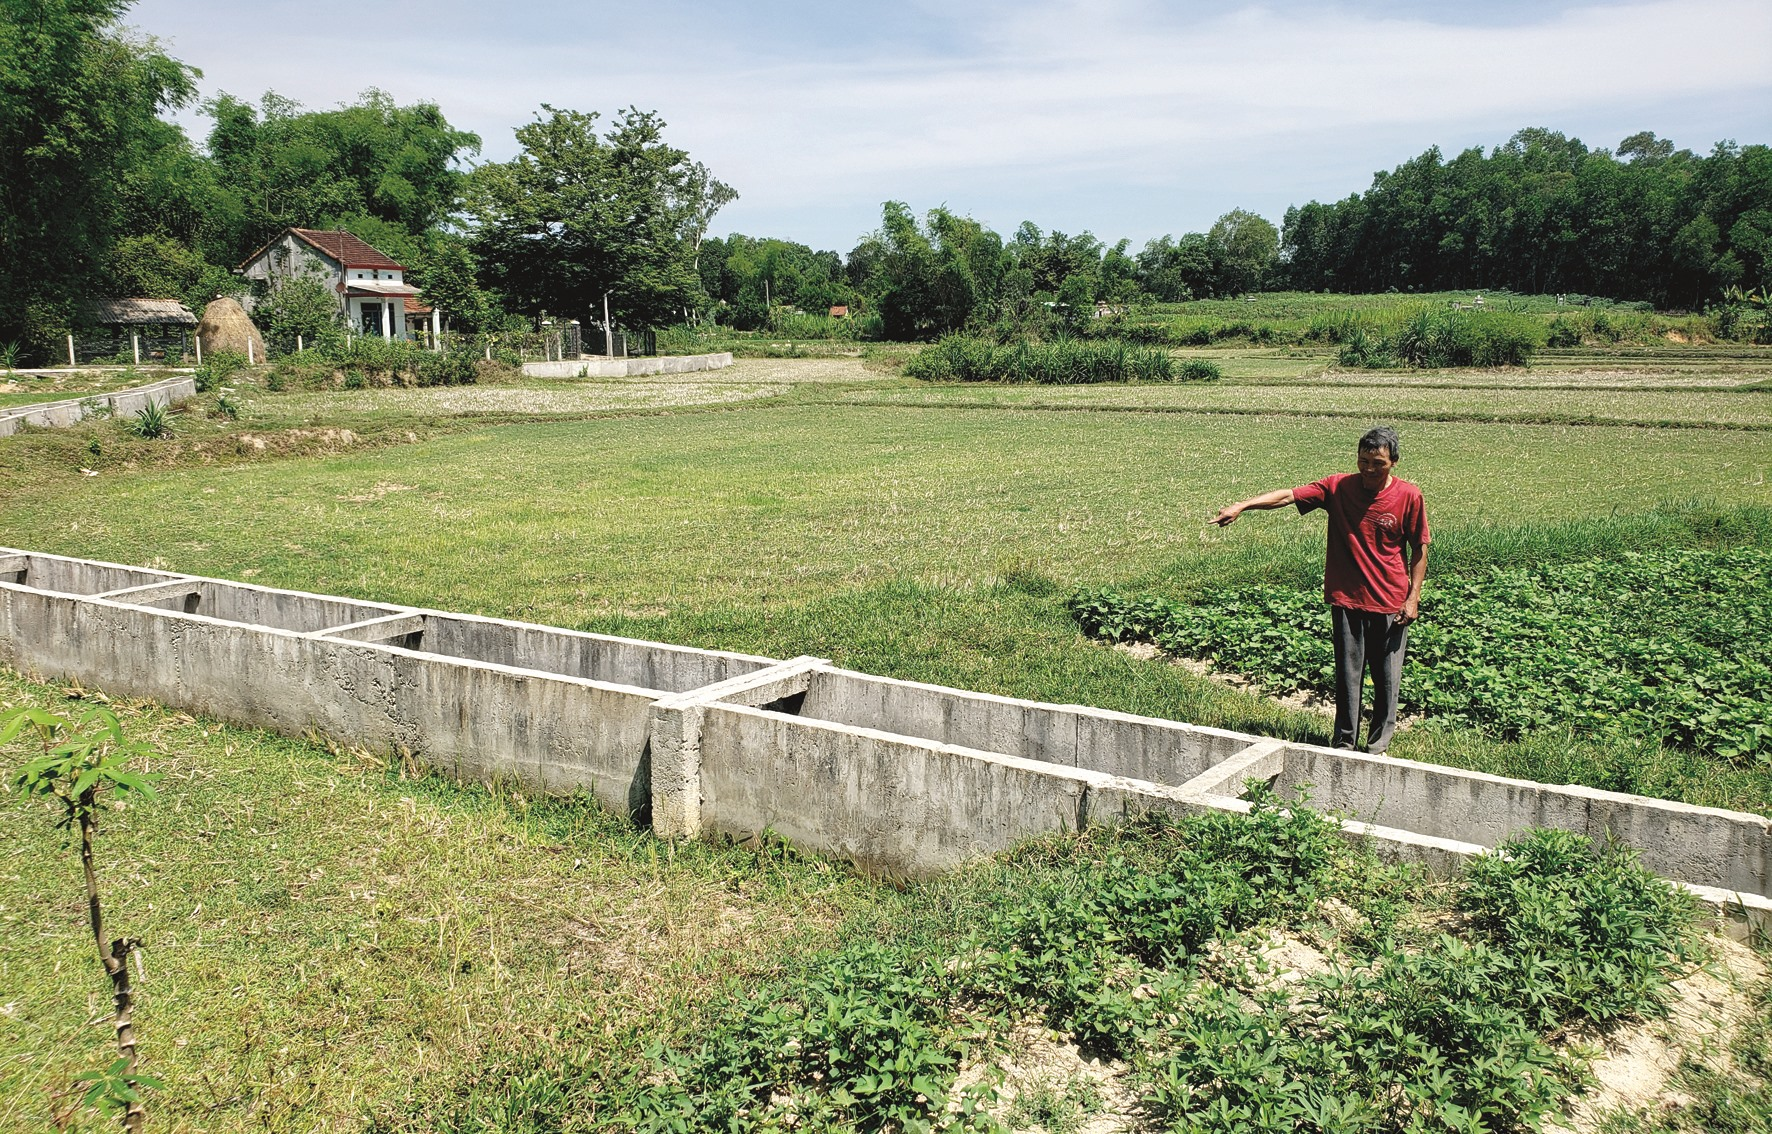 Tuyến kênh thuộc hệ thống trạm bơm Long Sơn chưa hoàn thành. Ảnh: HOÀI AN